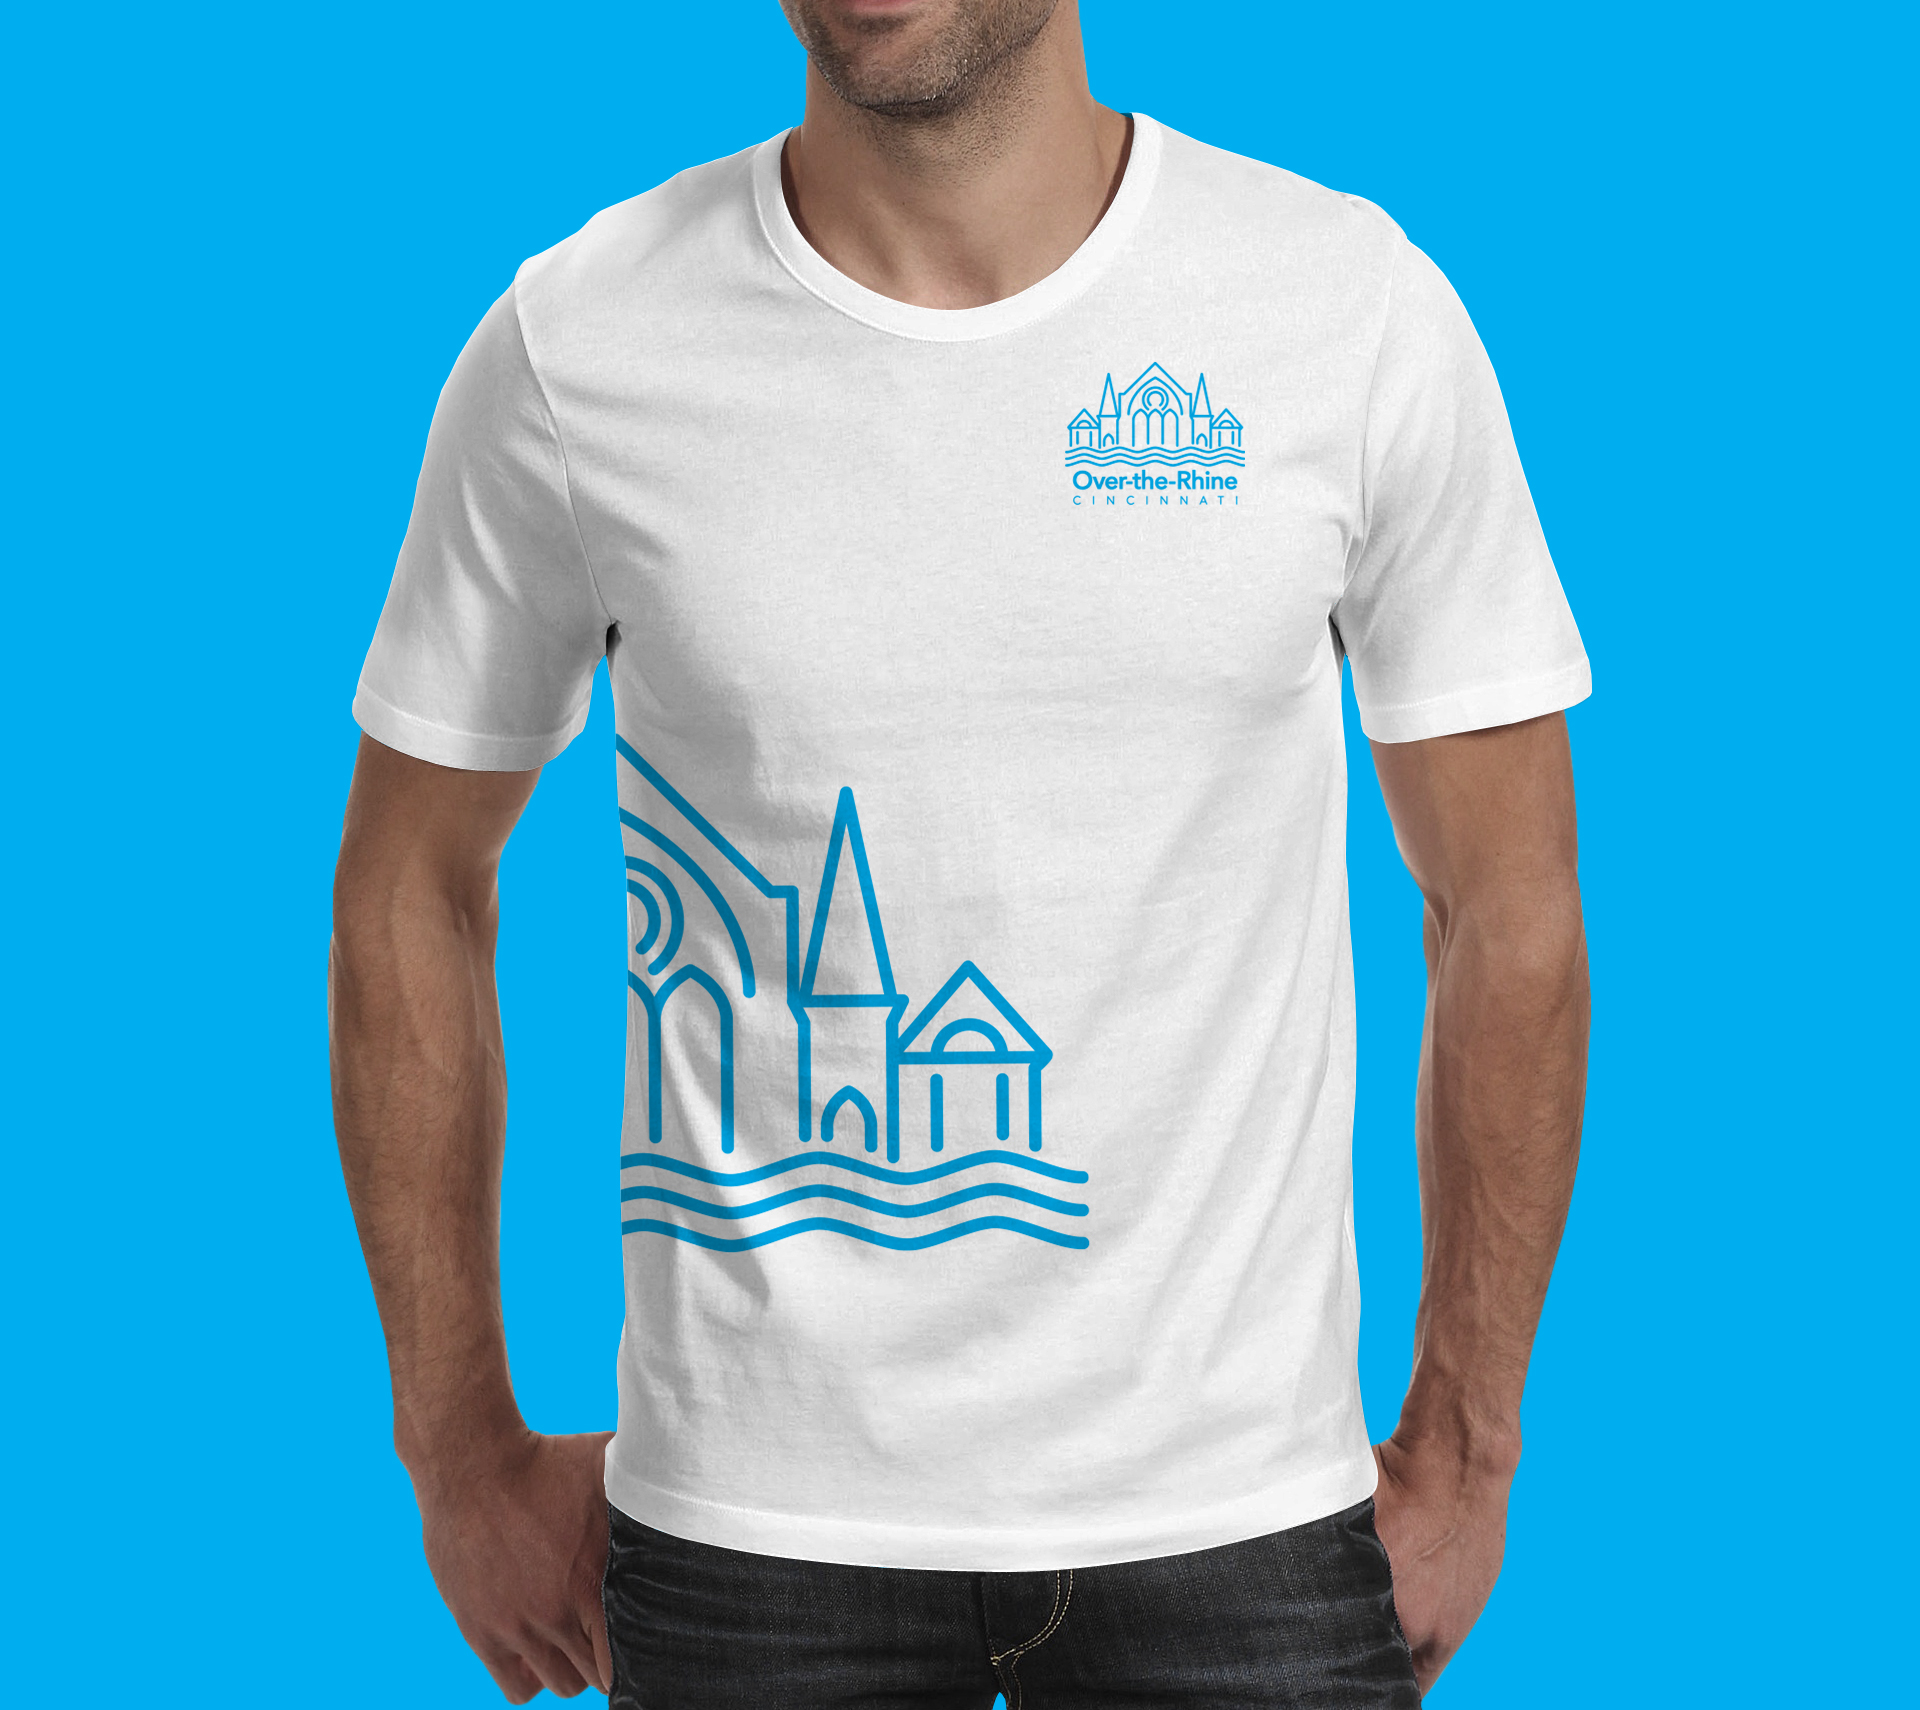 t-shirt-otr-2.jpg